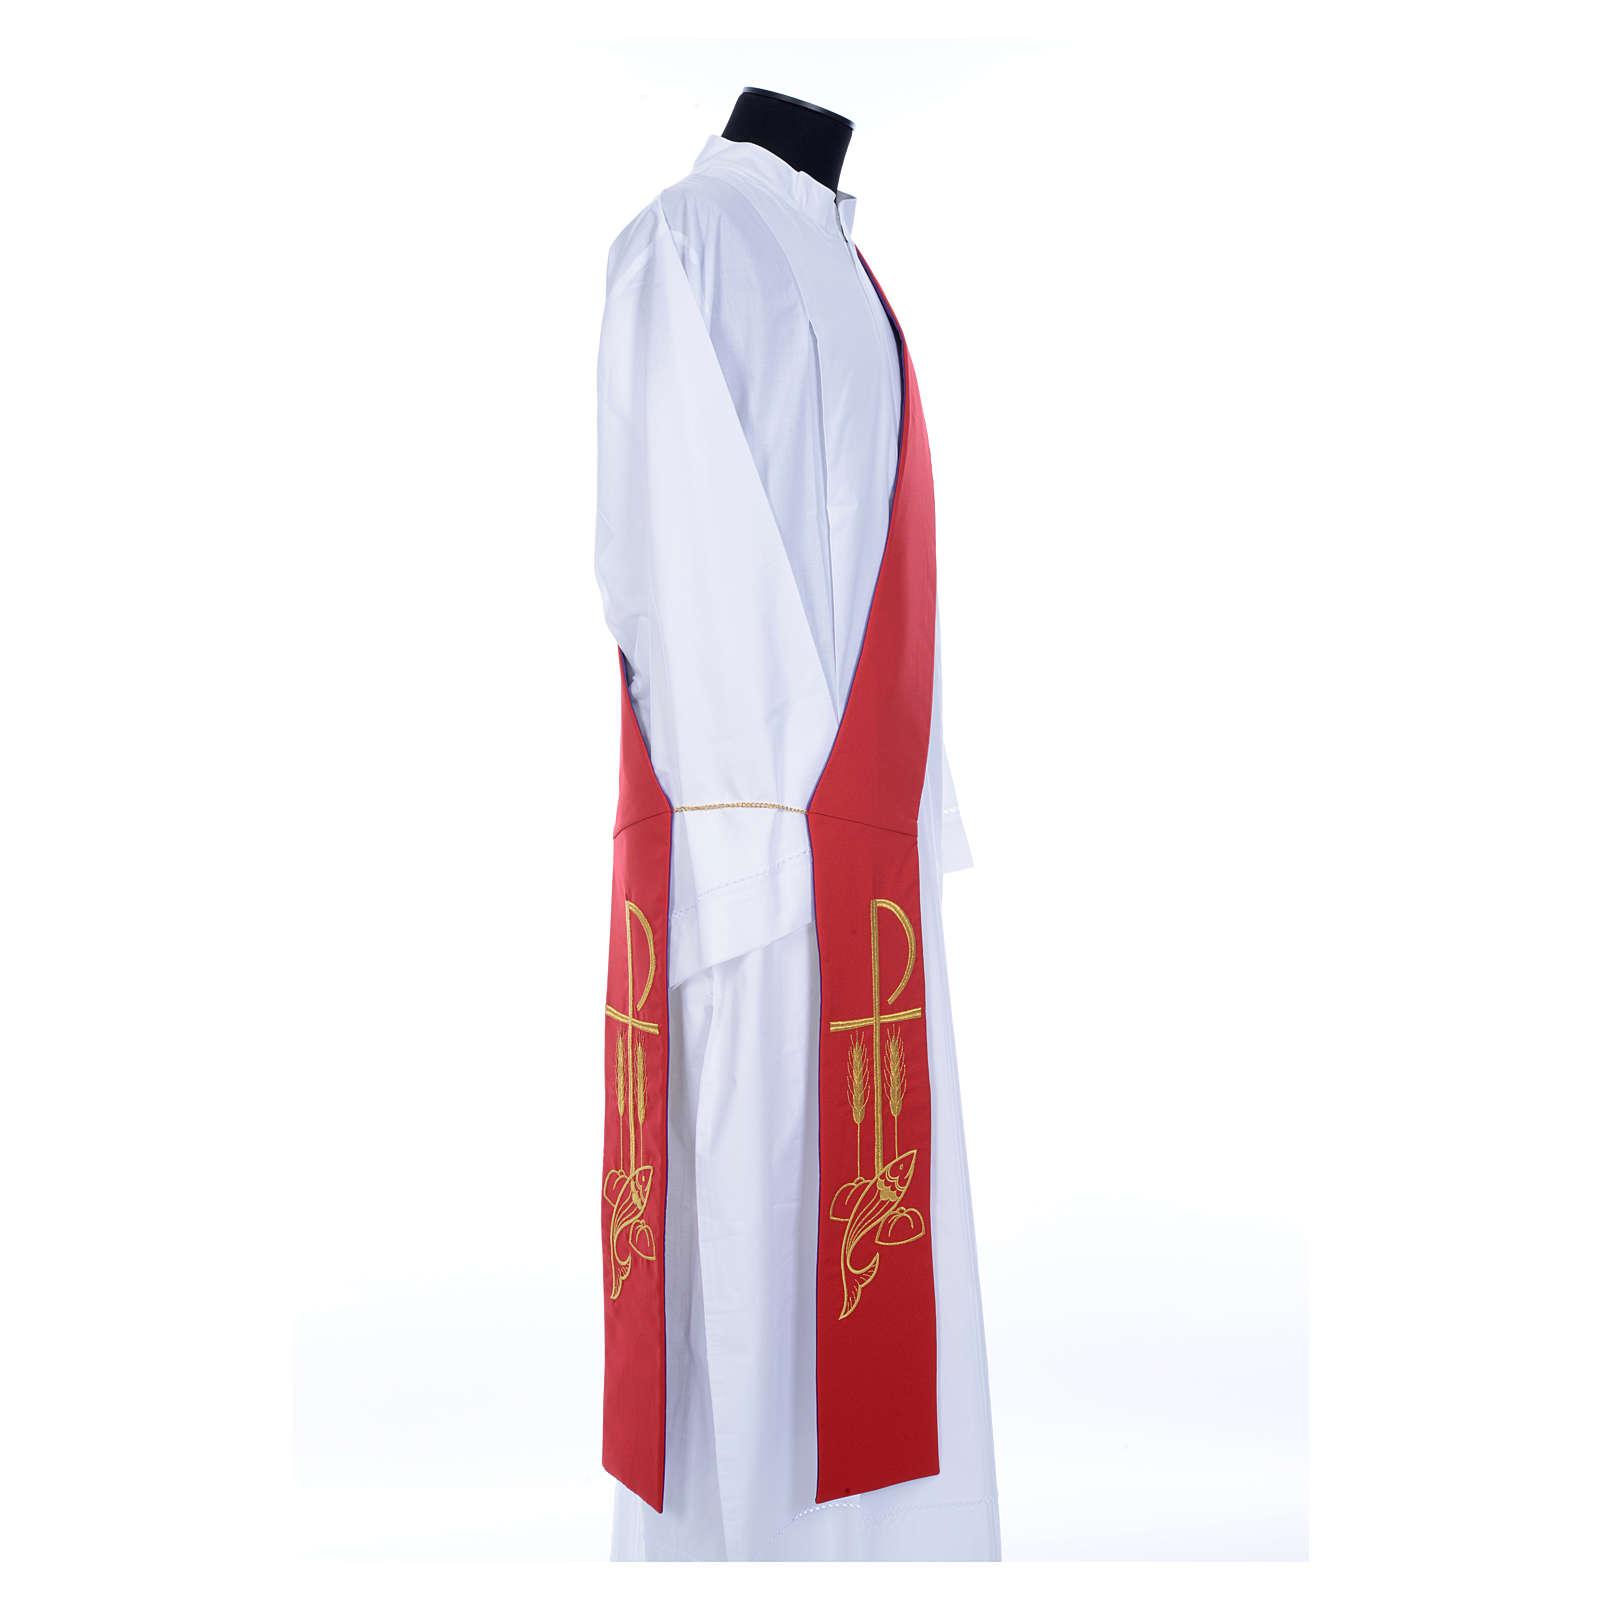 Stuła diakona dwukolorowa fioletowy czerwony poliester XP kłosy 4